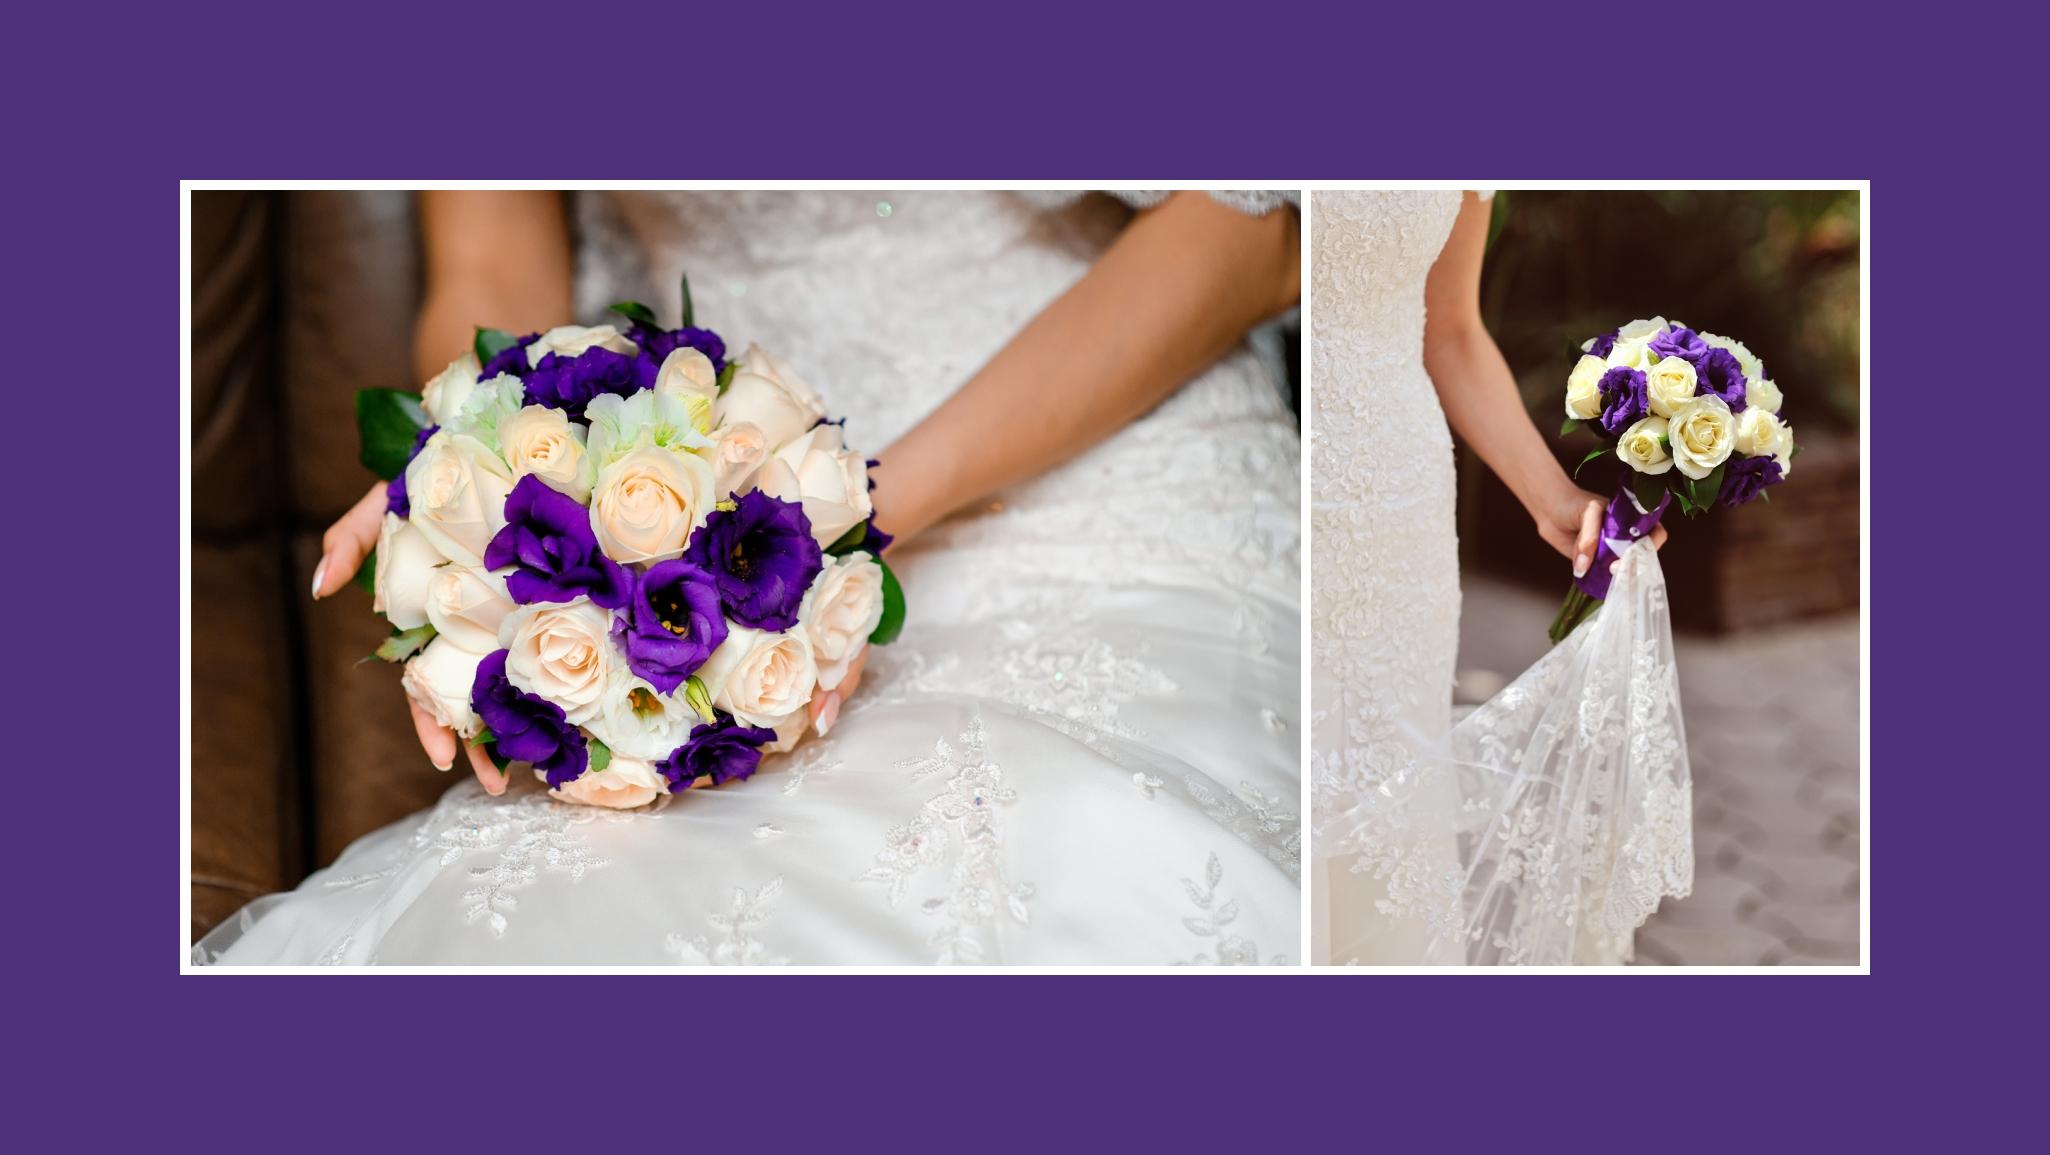 Brautstrauß in Bidermeierform mit Rosen in Creme & Violett